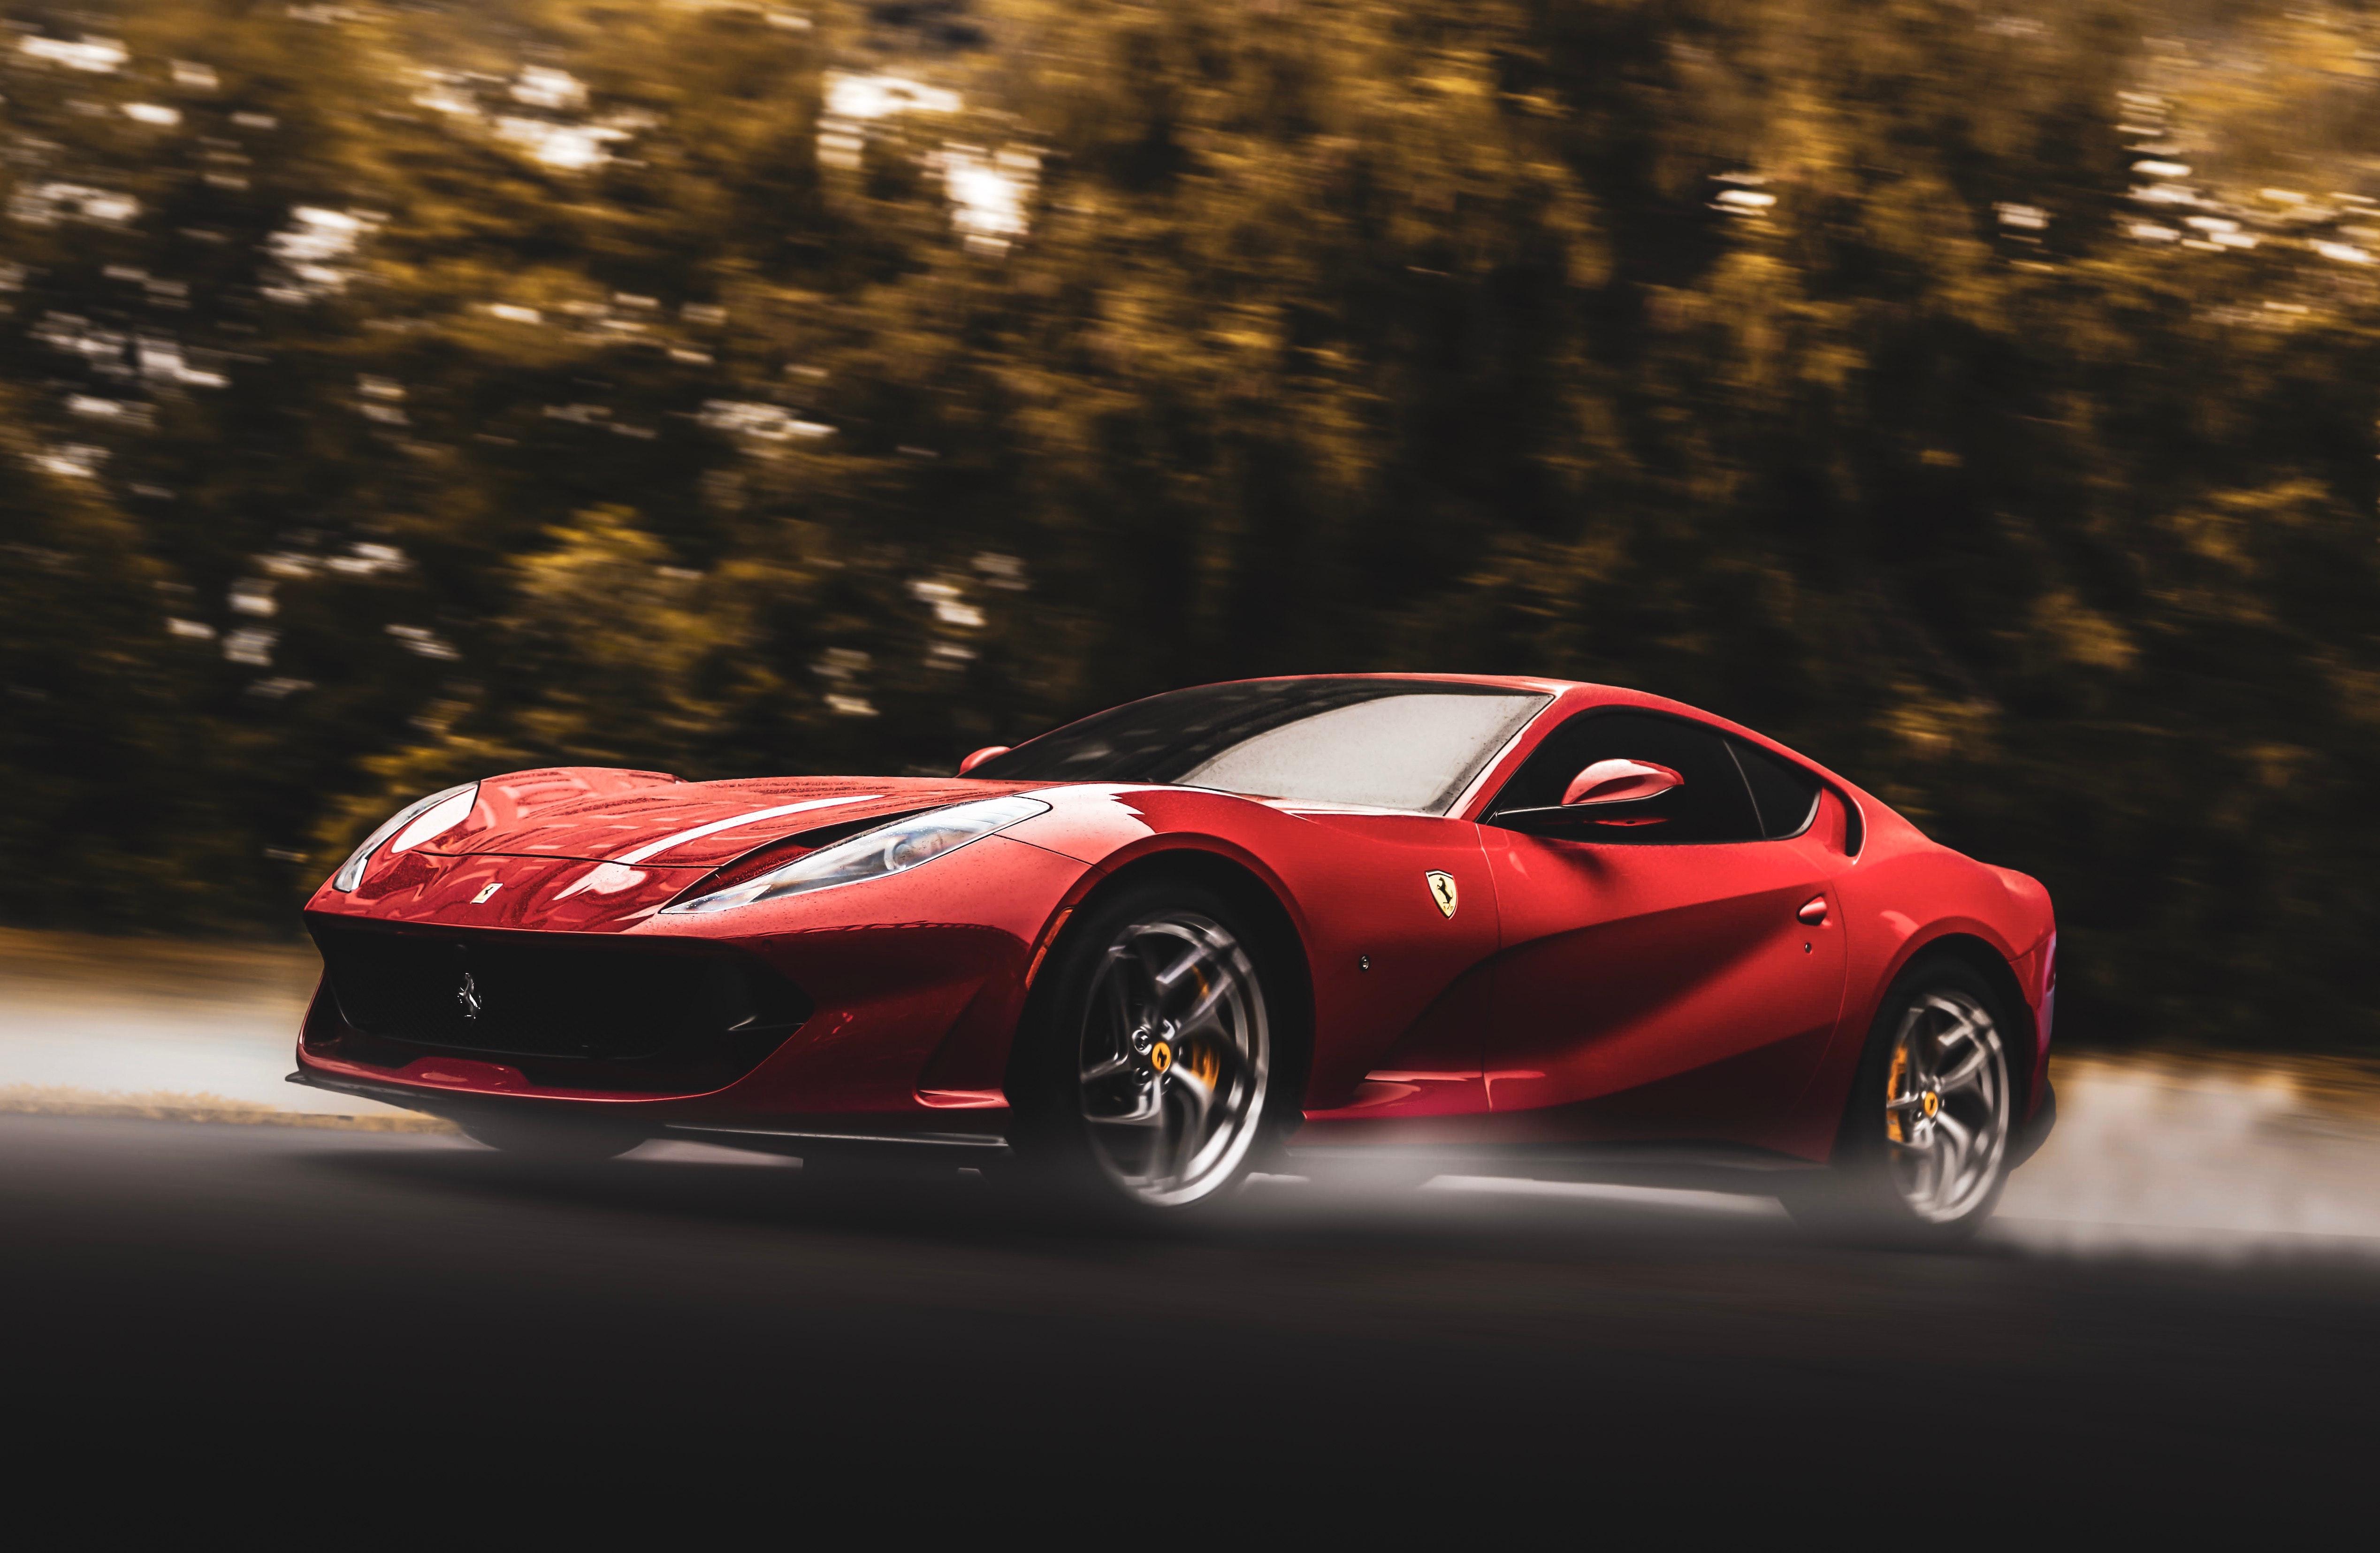 83659 Hintergrundbild 720x1280 kostenlos auf deinem Handy, lade Bilder Sport, Auto, Ferrari, Cars, Wagen, Sportwagen, Geschwindigkeit 720x1280 auf dein Handy herunter